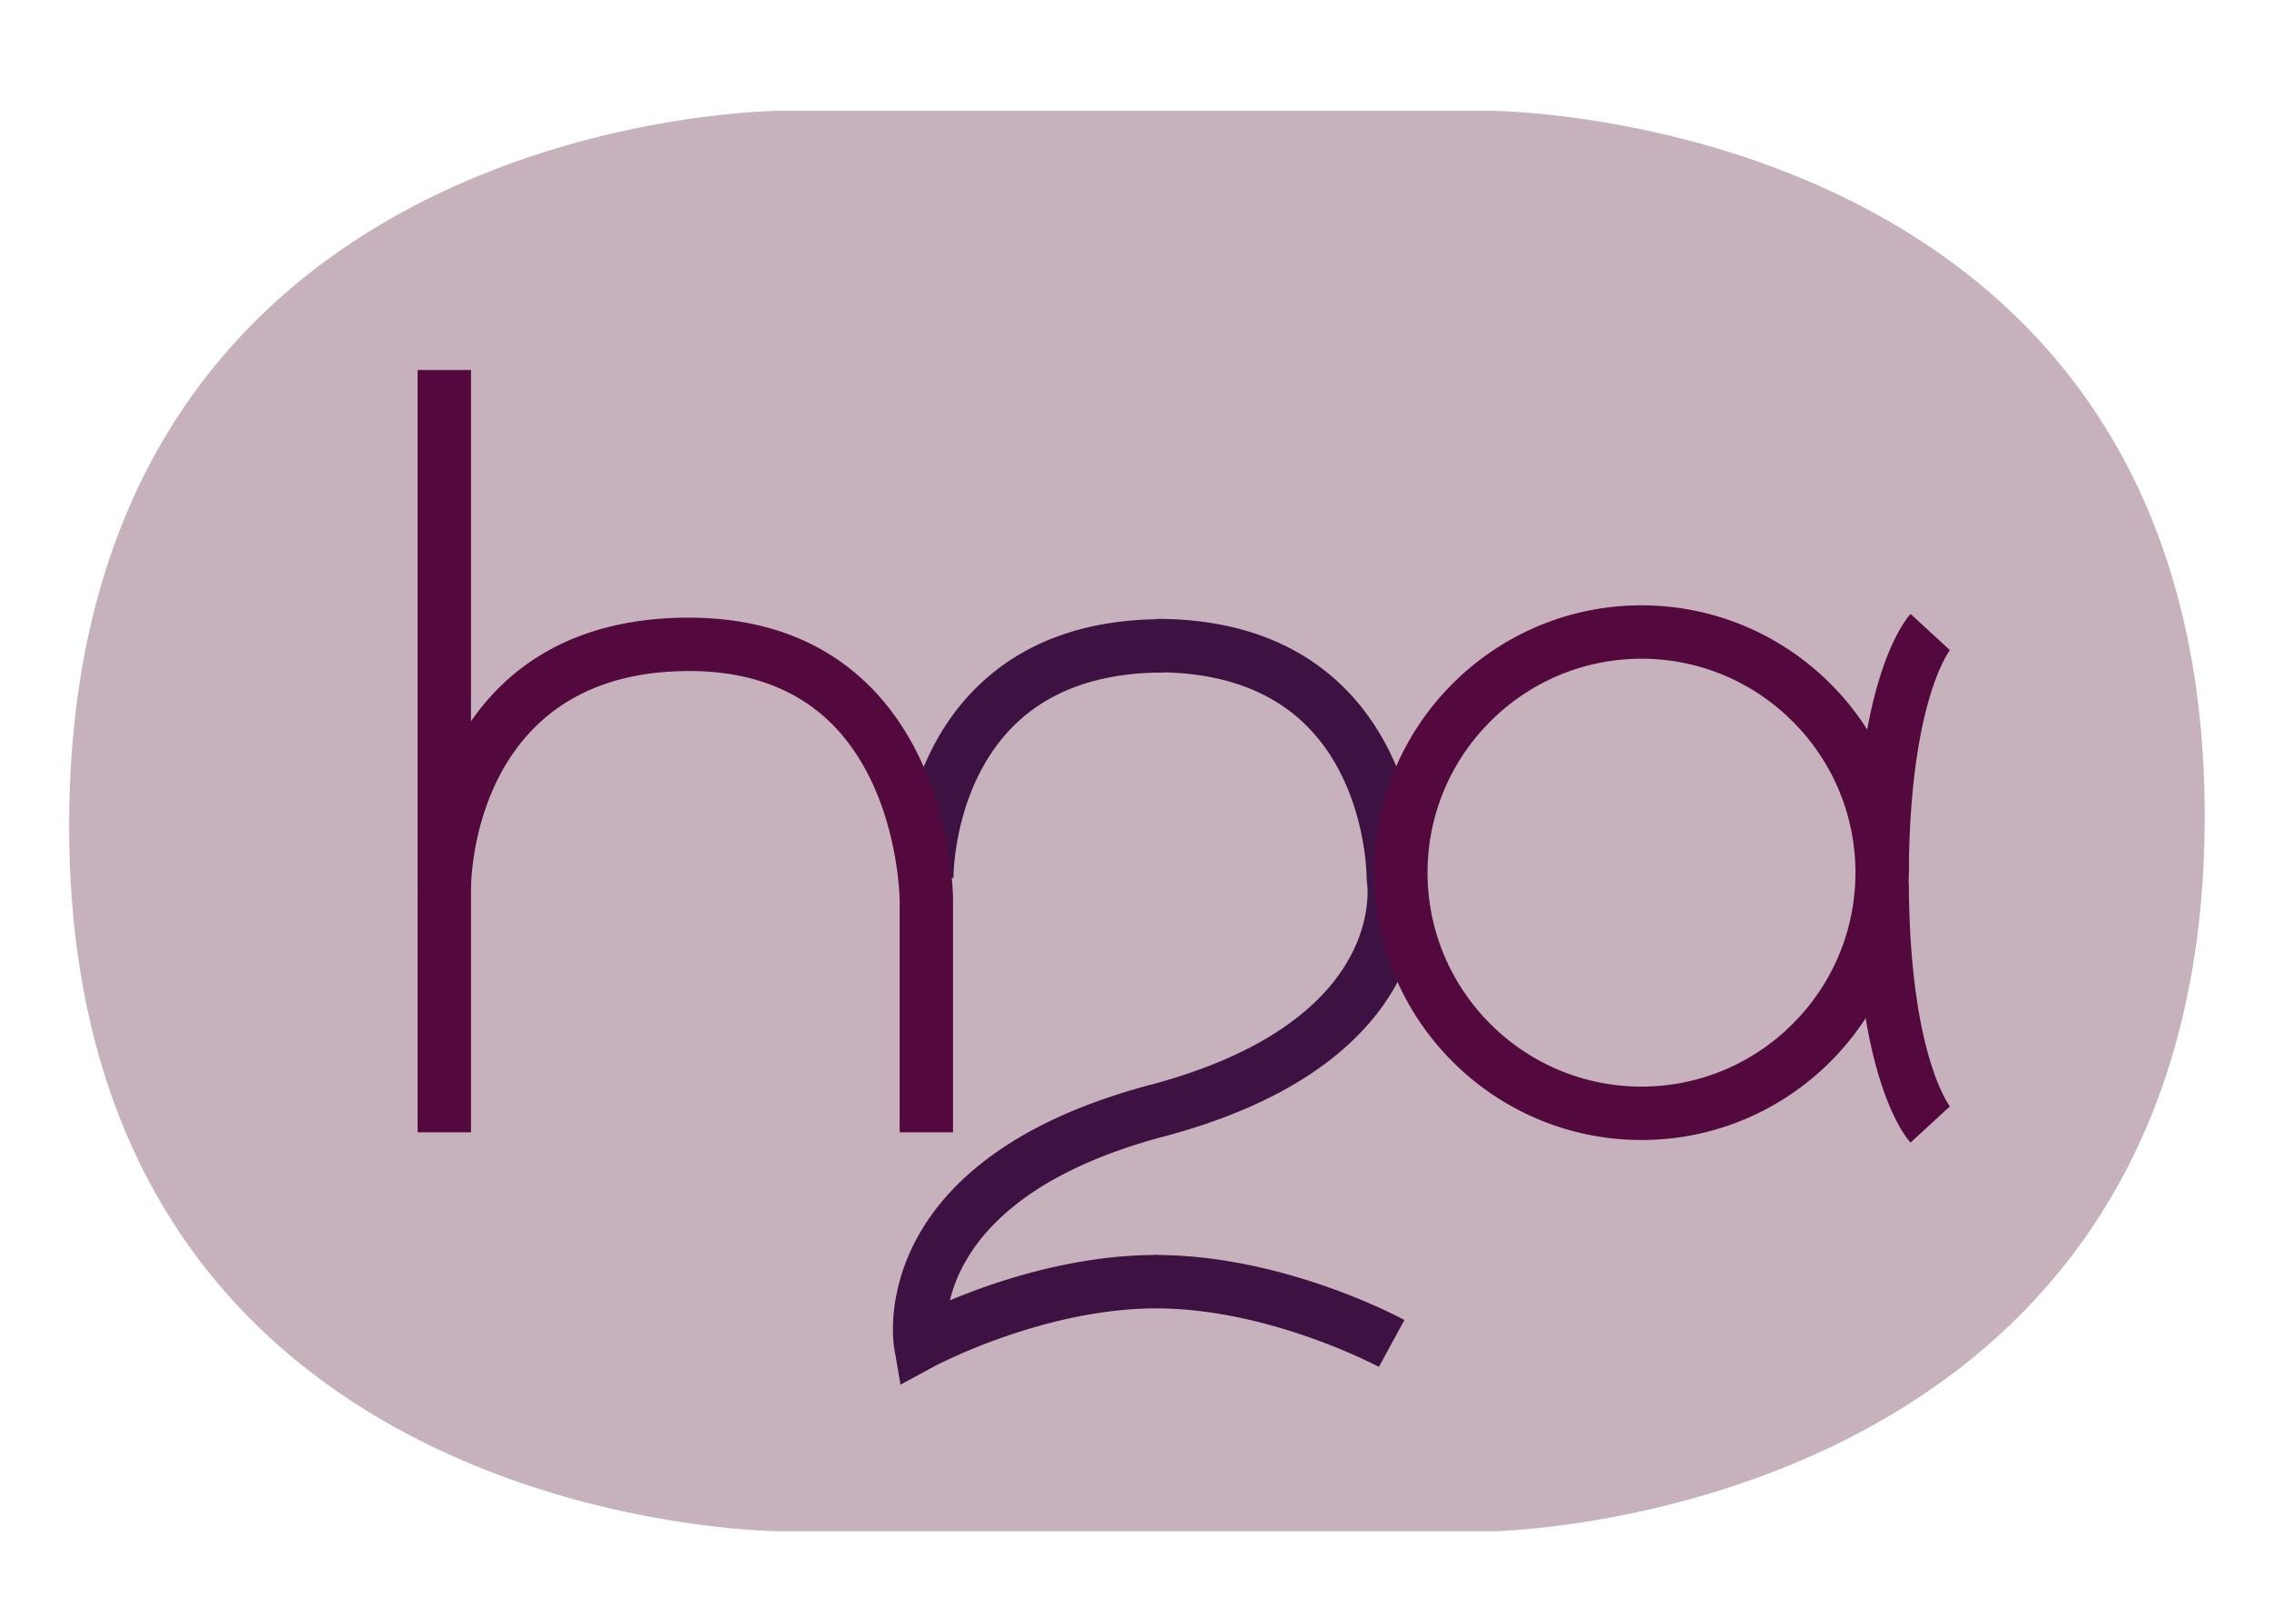 H2a Global